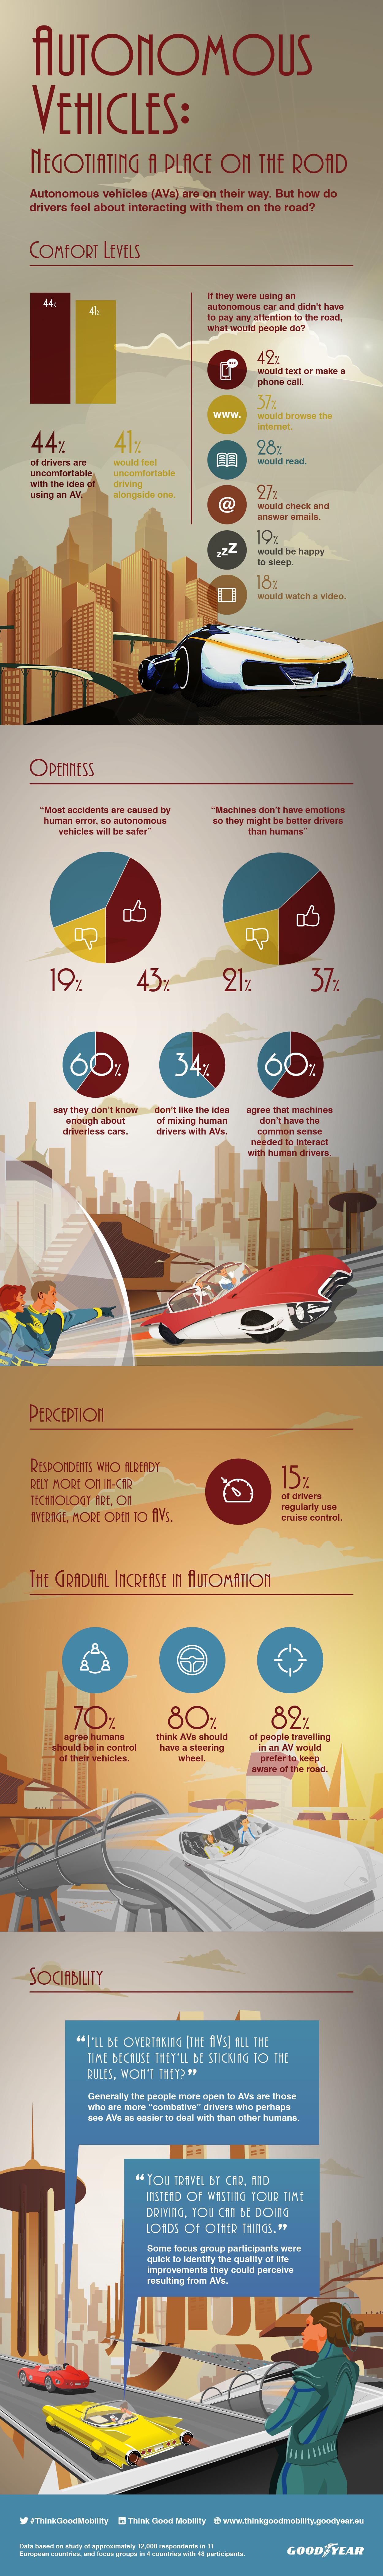 Driverless Autonomous Vehicles